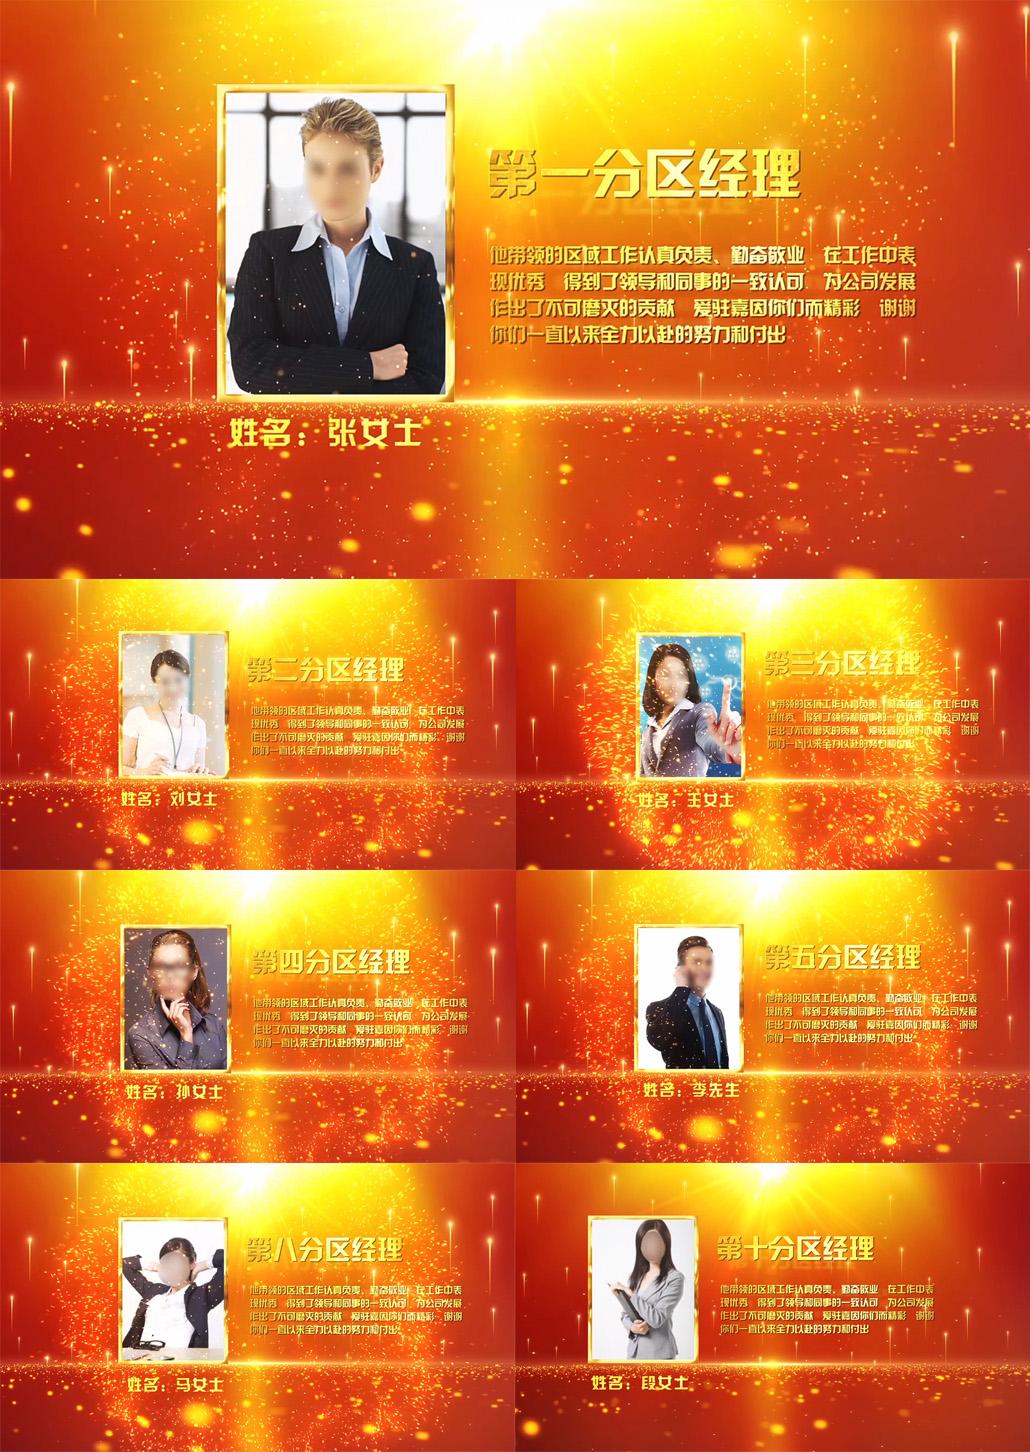 企业年会颁奖表彰人物介绍AE模板